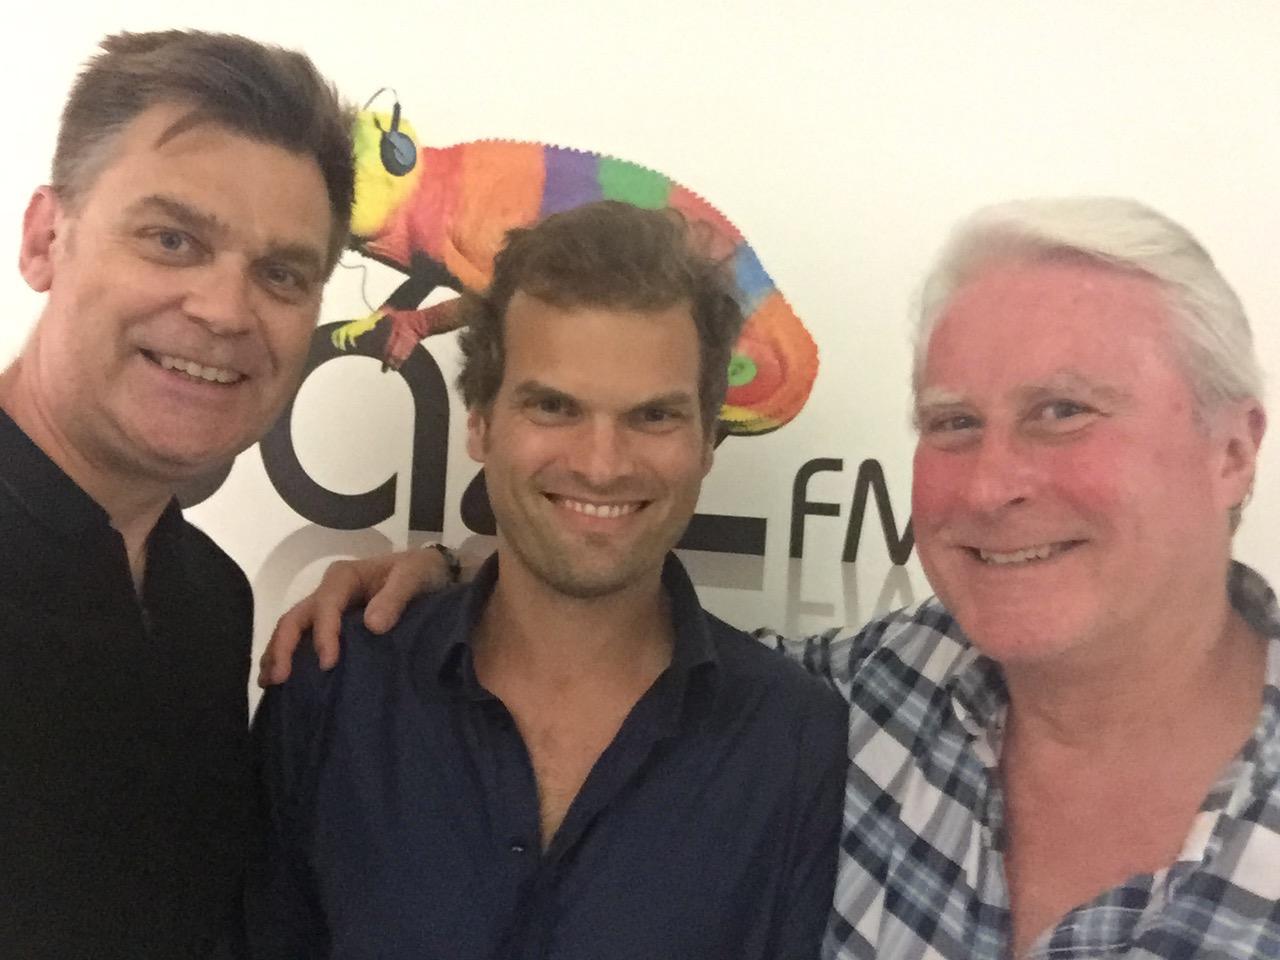 Jazz FM's Chris Philips, Andrew McCormack and Ubuntu Management Group's Martin Hummel